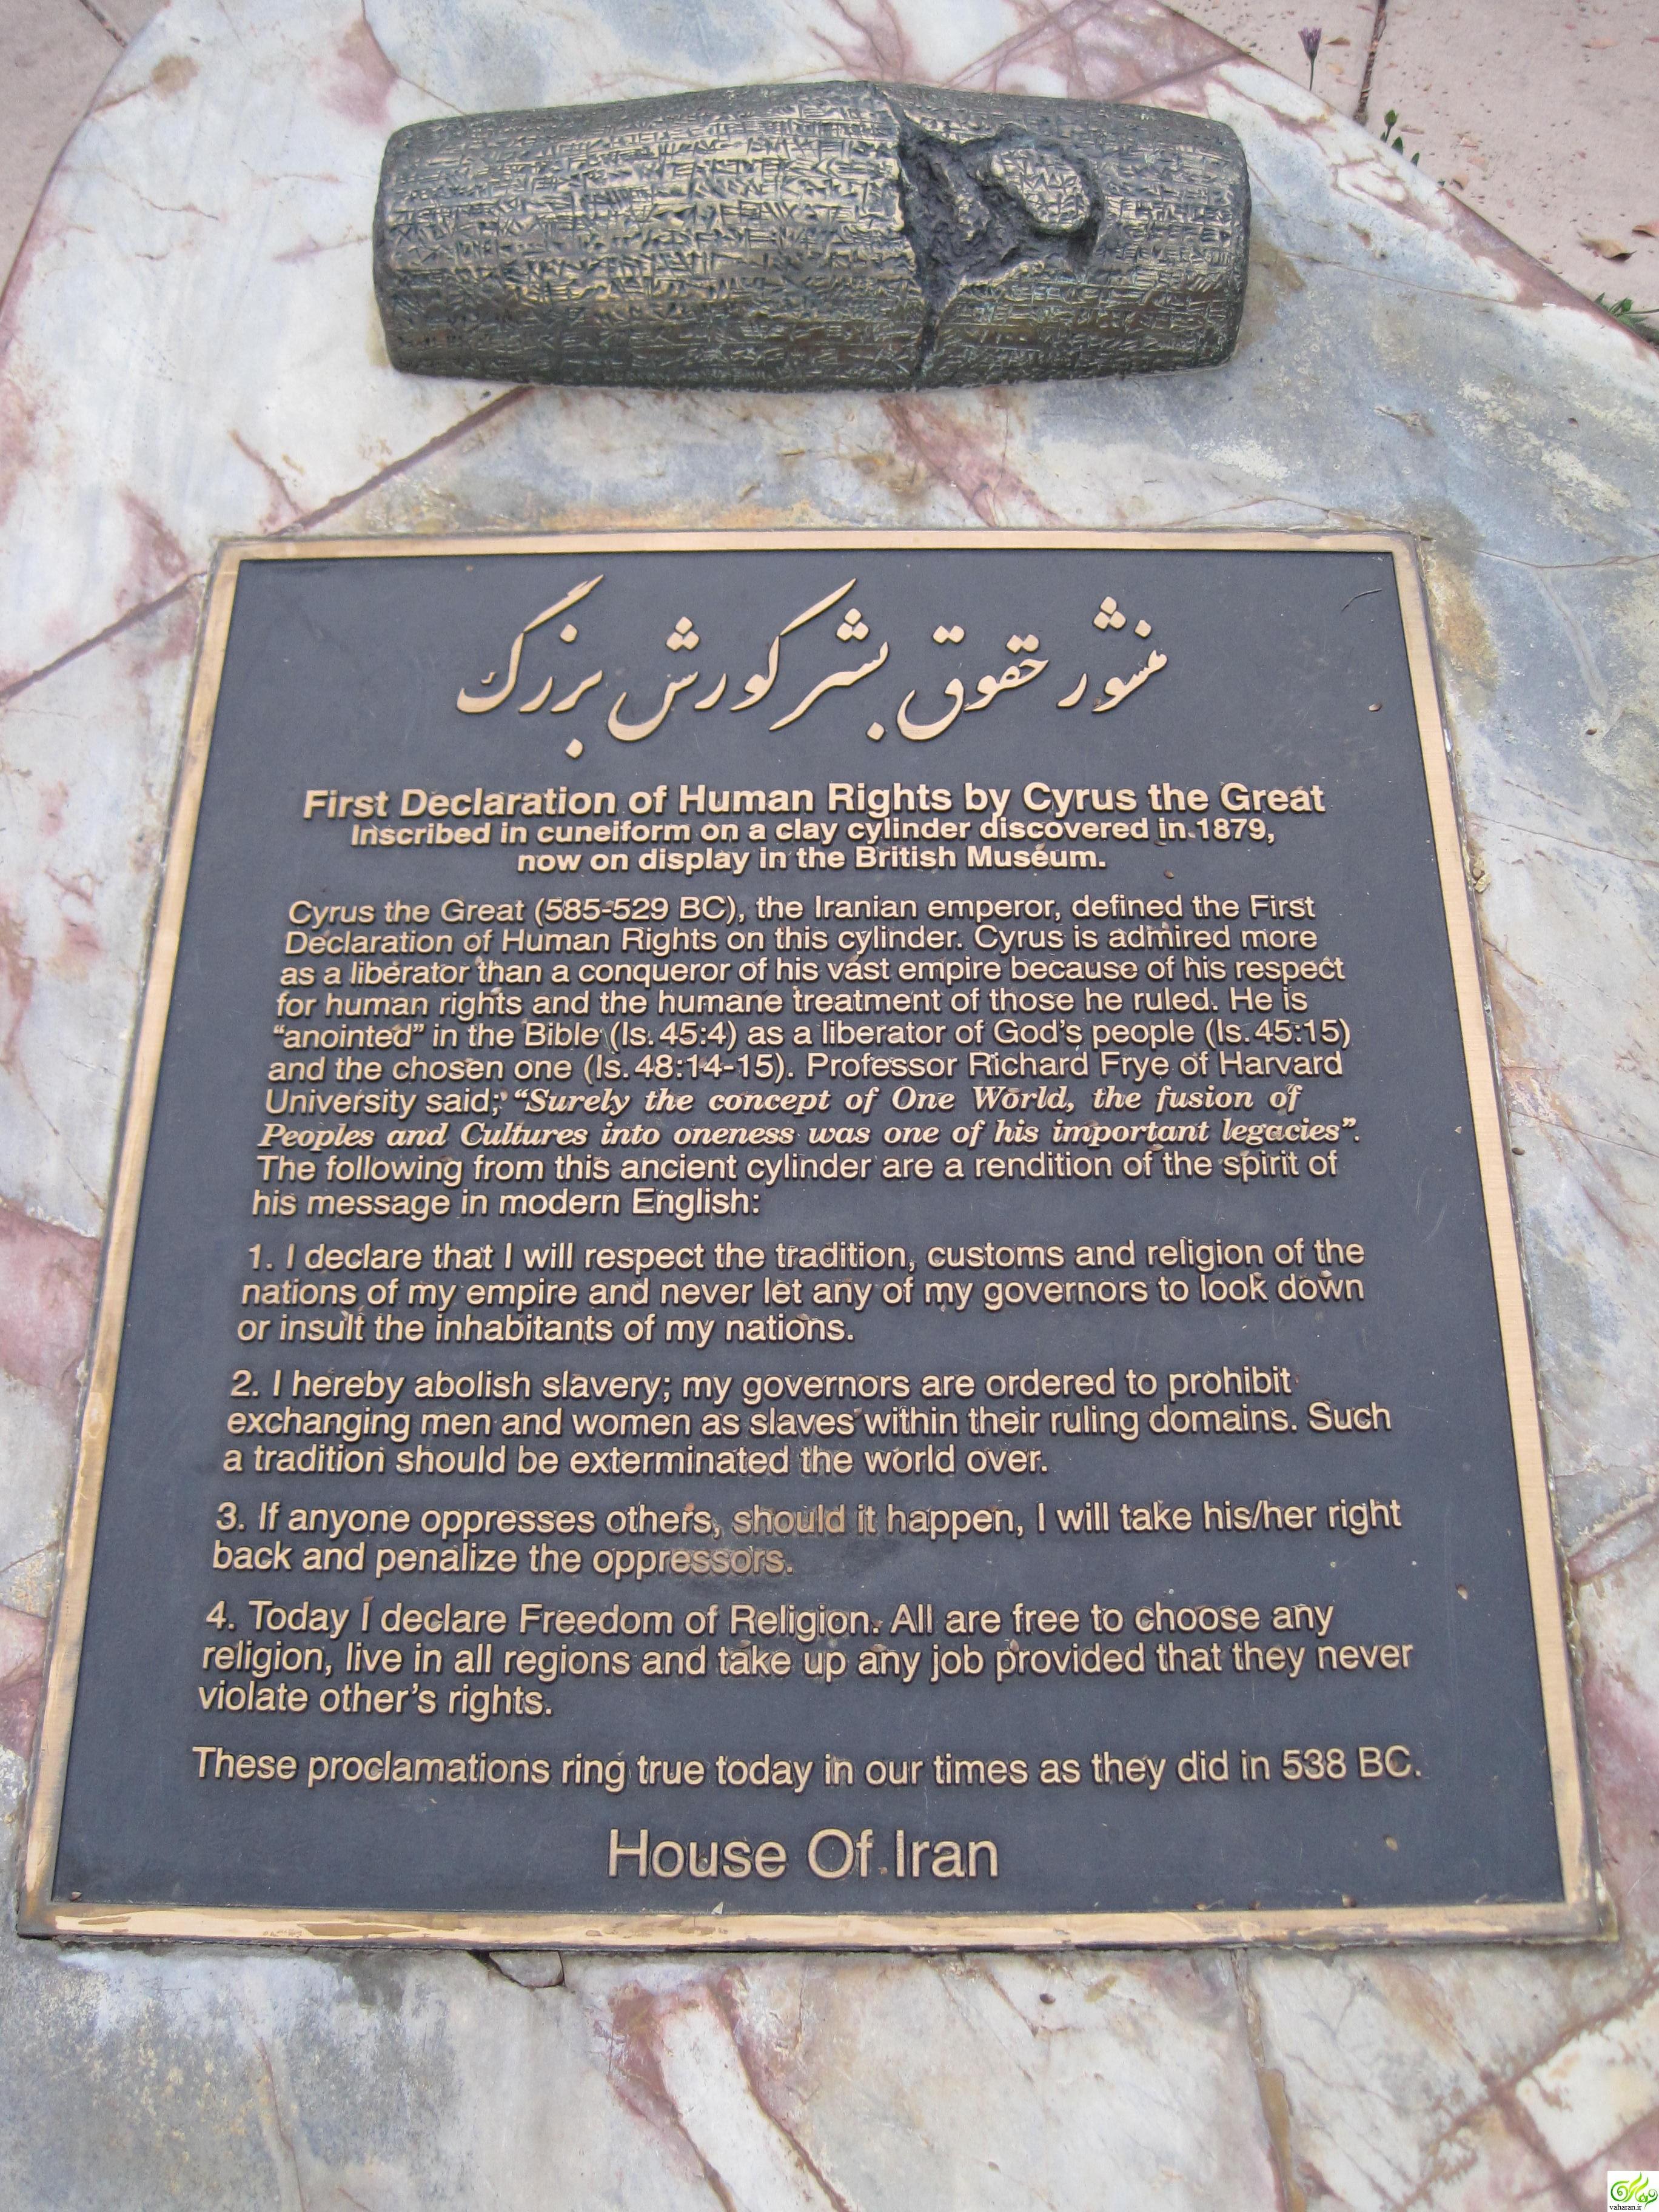 روز جهانی کوروش بزرگ / ۷ آبان ۹۶ / ۲۹ اکتبر میلادی